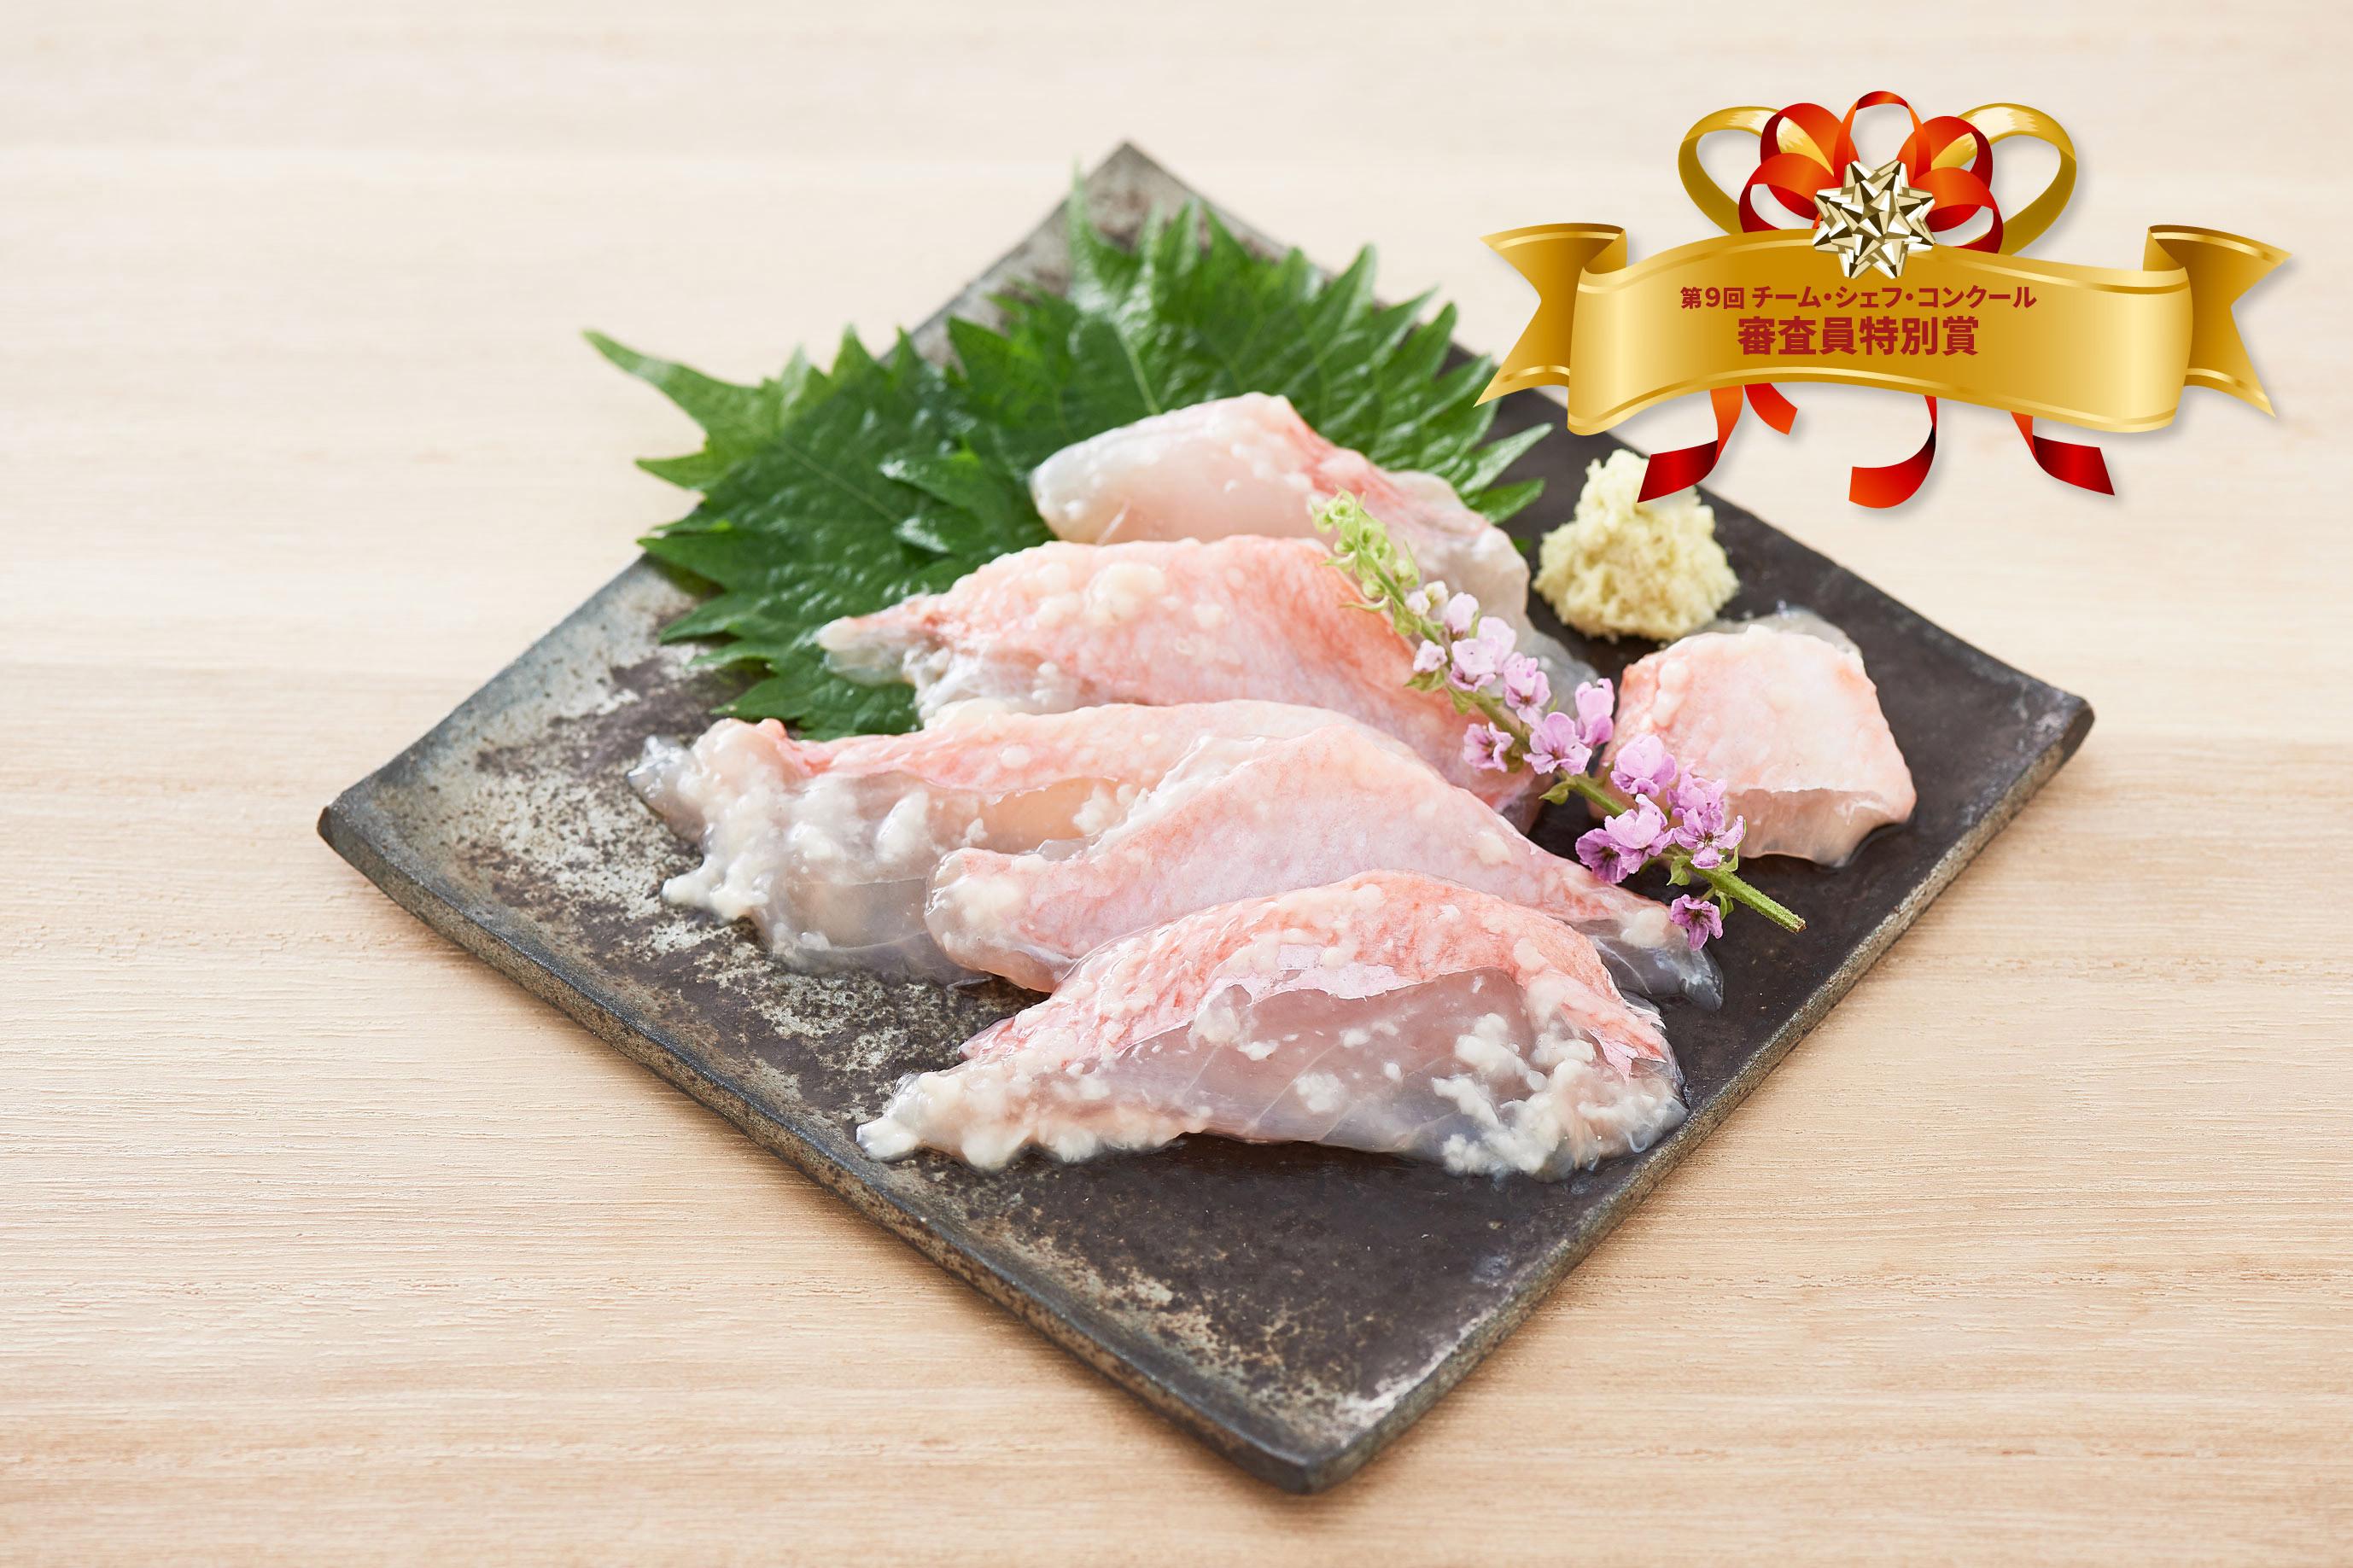 華金目の塩麹まぶし(60g)